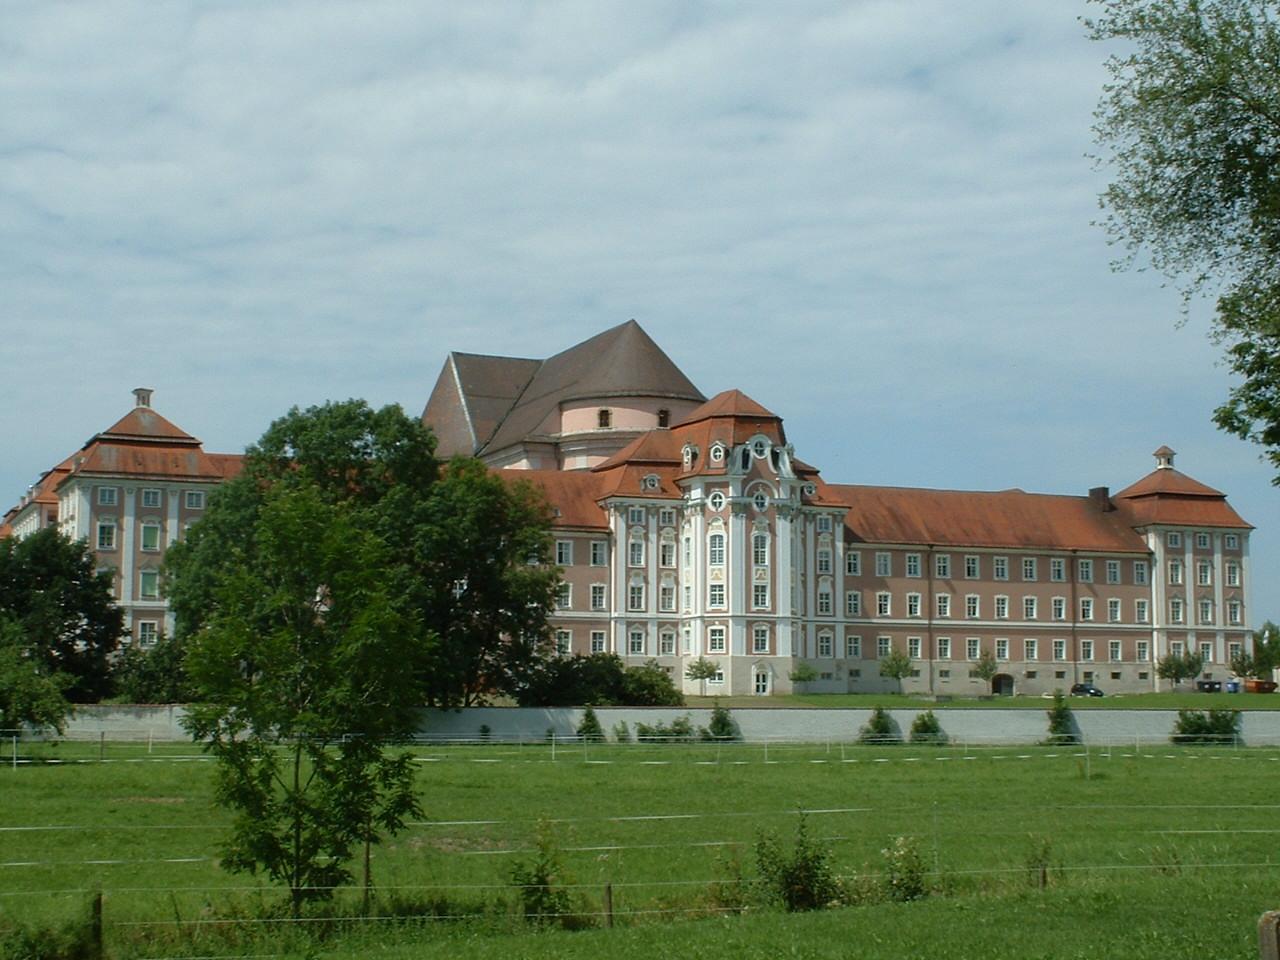 Thư viện thuộc tu viện Wiblingen - Nơi chứa đựng thánh tích từ cuộc Thập tự chinh đầu tiên